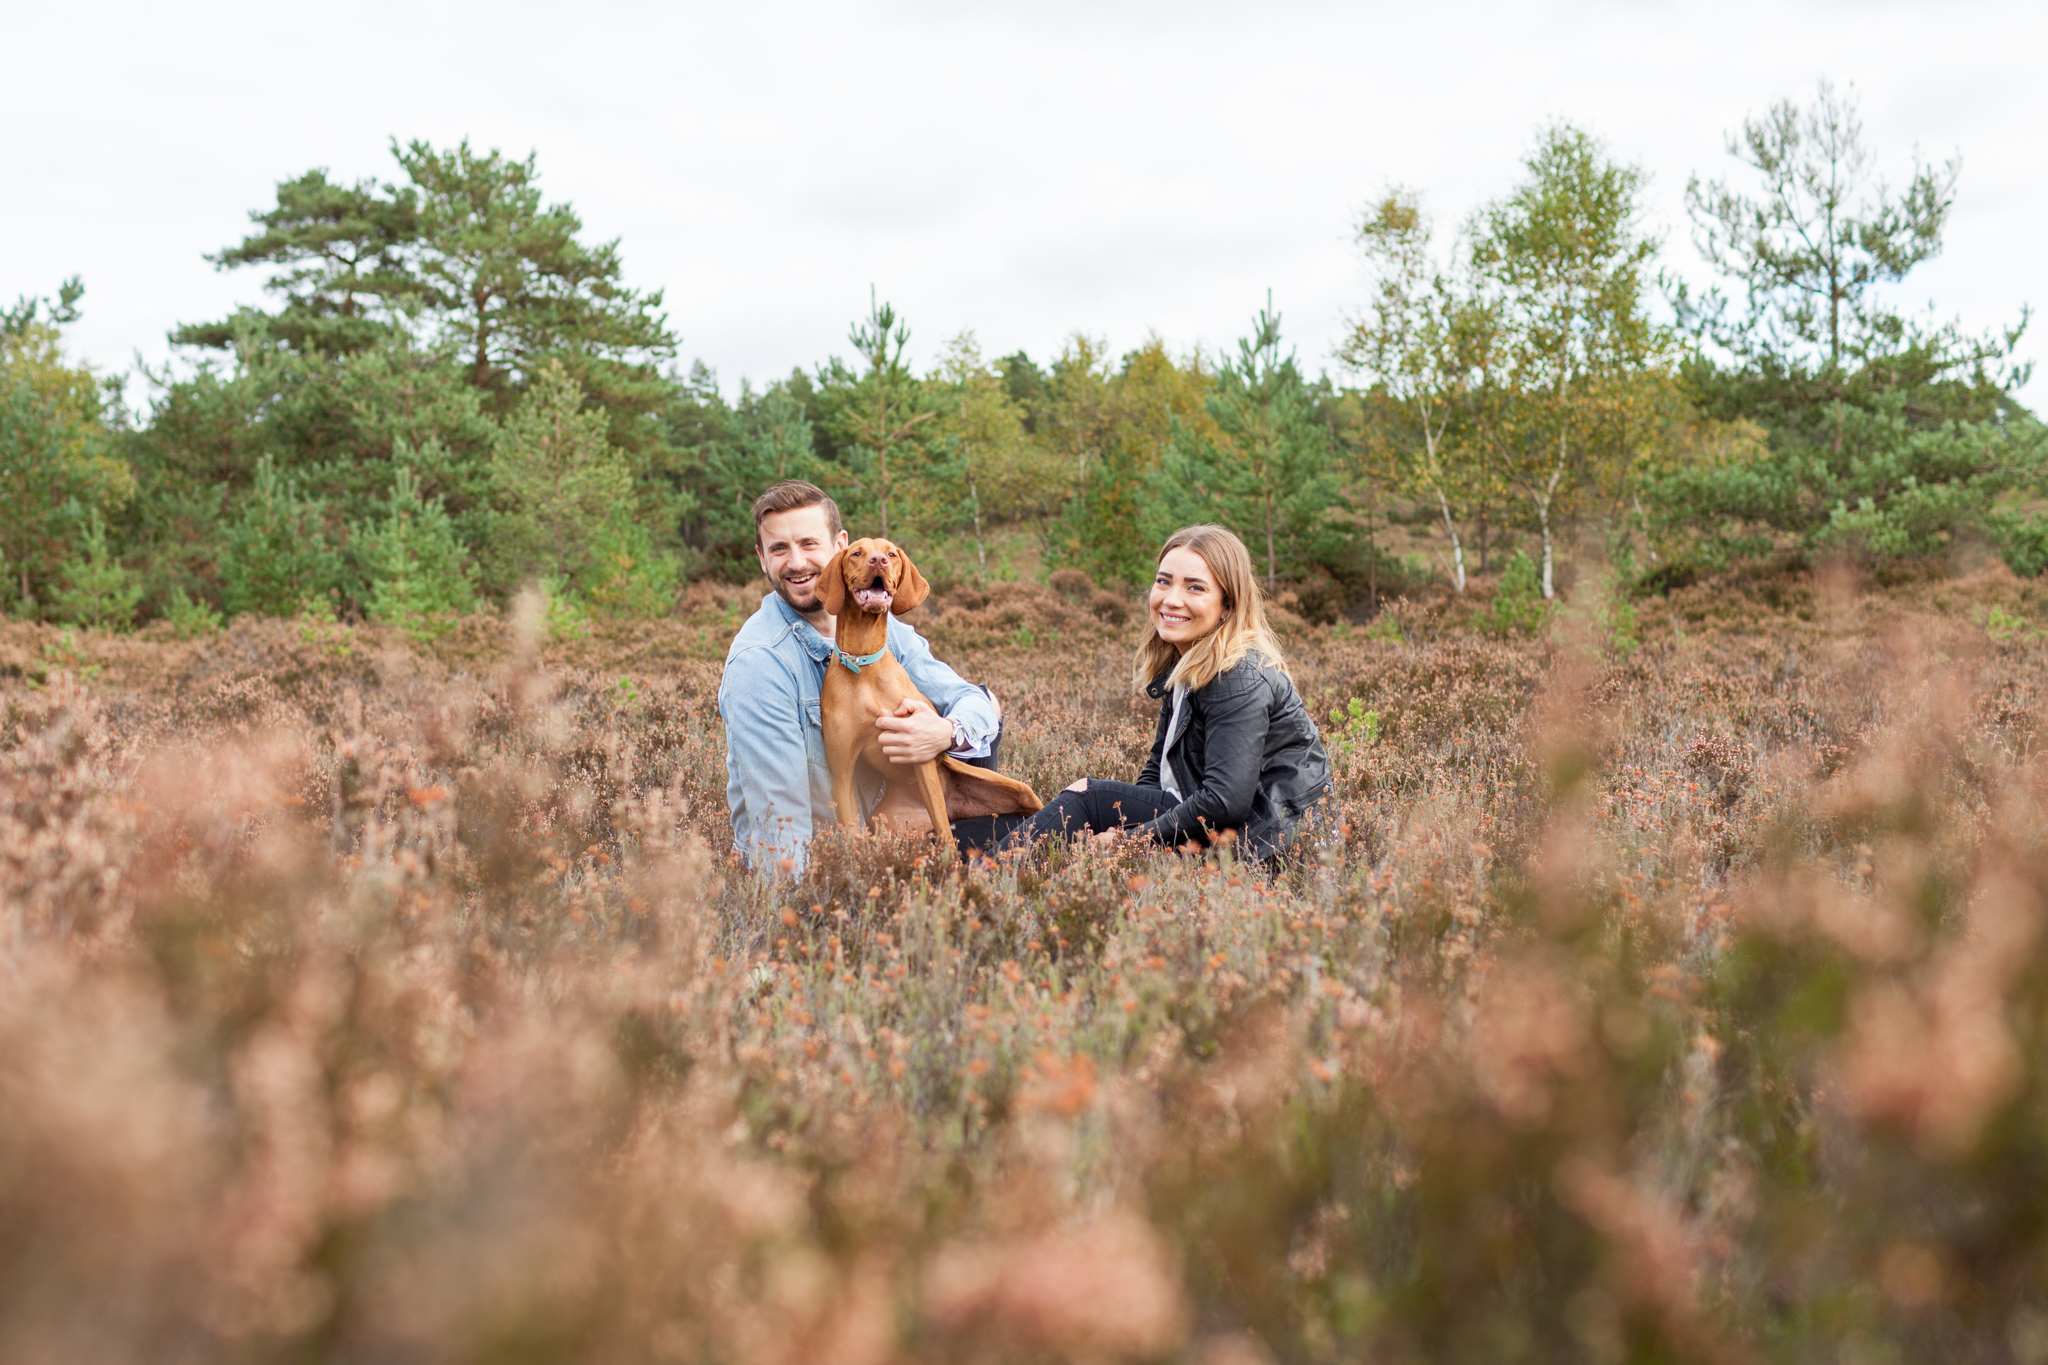 Blog – Farnham Engagement – Hankley Common, Imogen and James